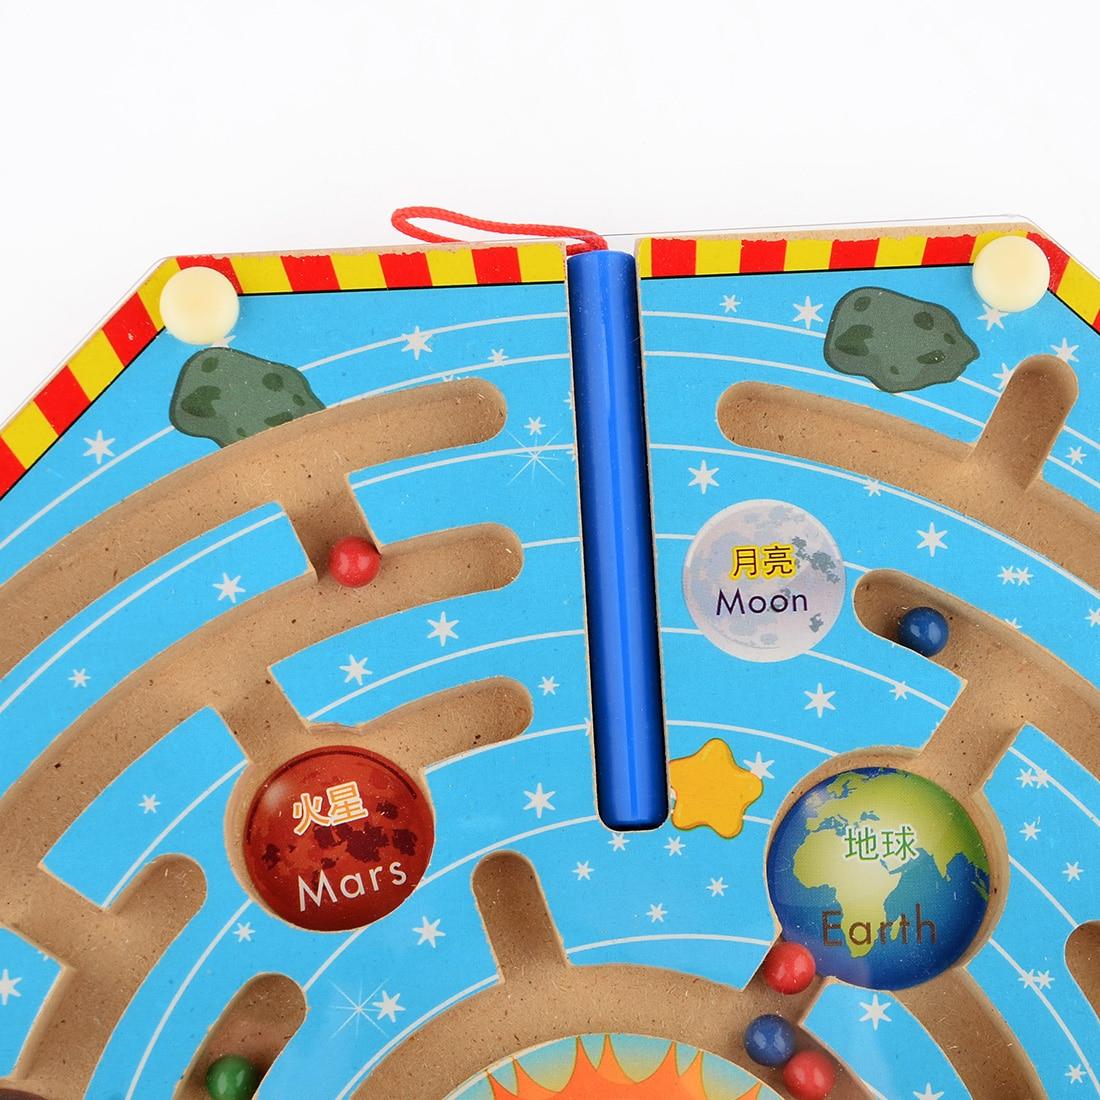 UTOYSLAND magneter pussel labyrint barn träleksaker nio planeter - Spel och pussel - Foto 3